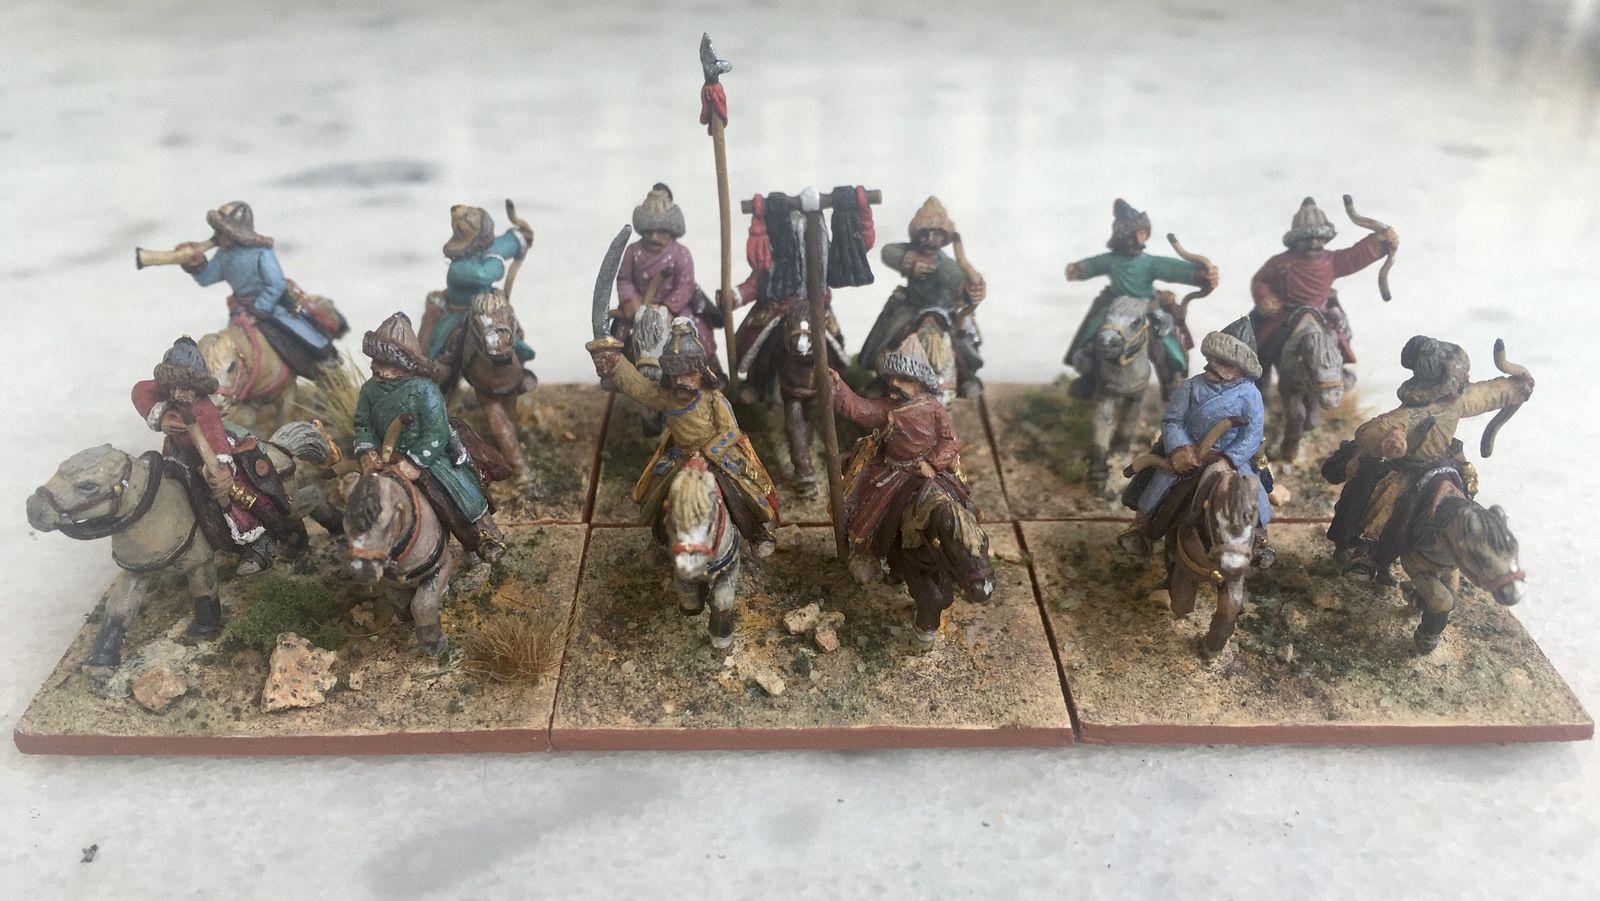 Général inclus dans une unité LH au milieu, suivi par une unité de cavalerie moyenne et des LH sur les flancs.